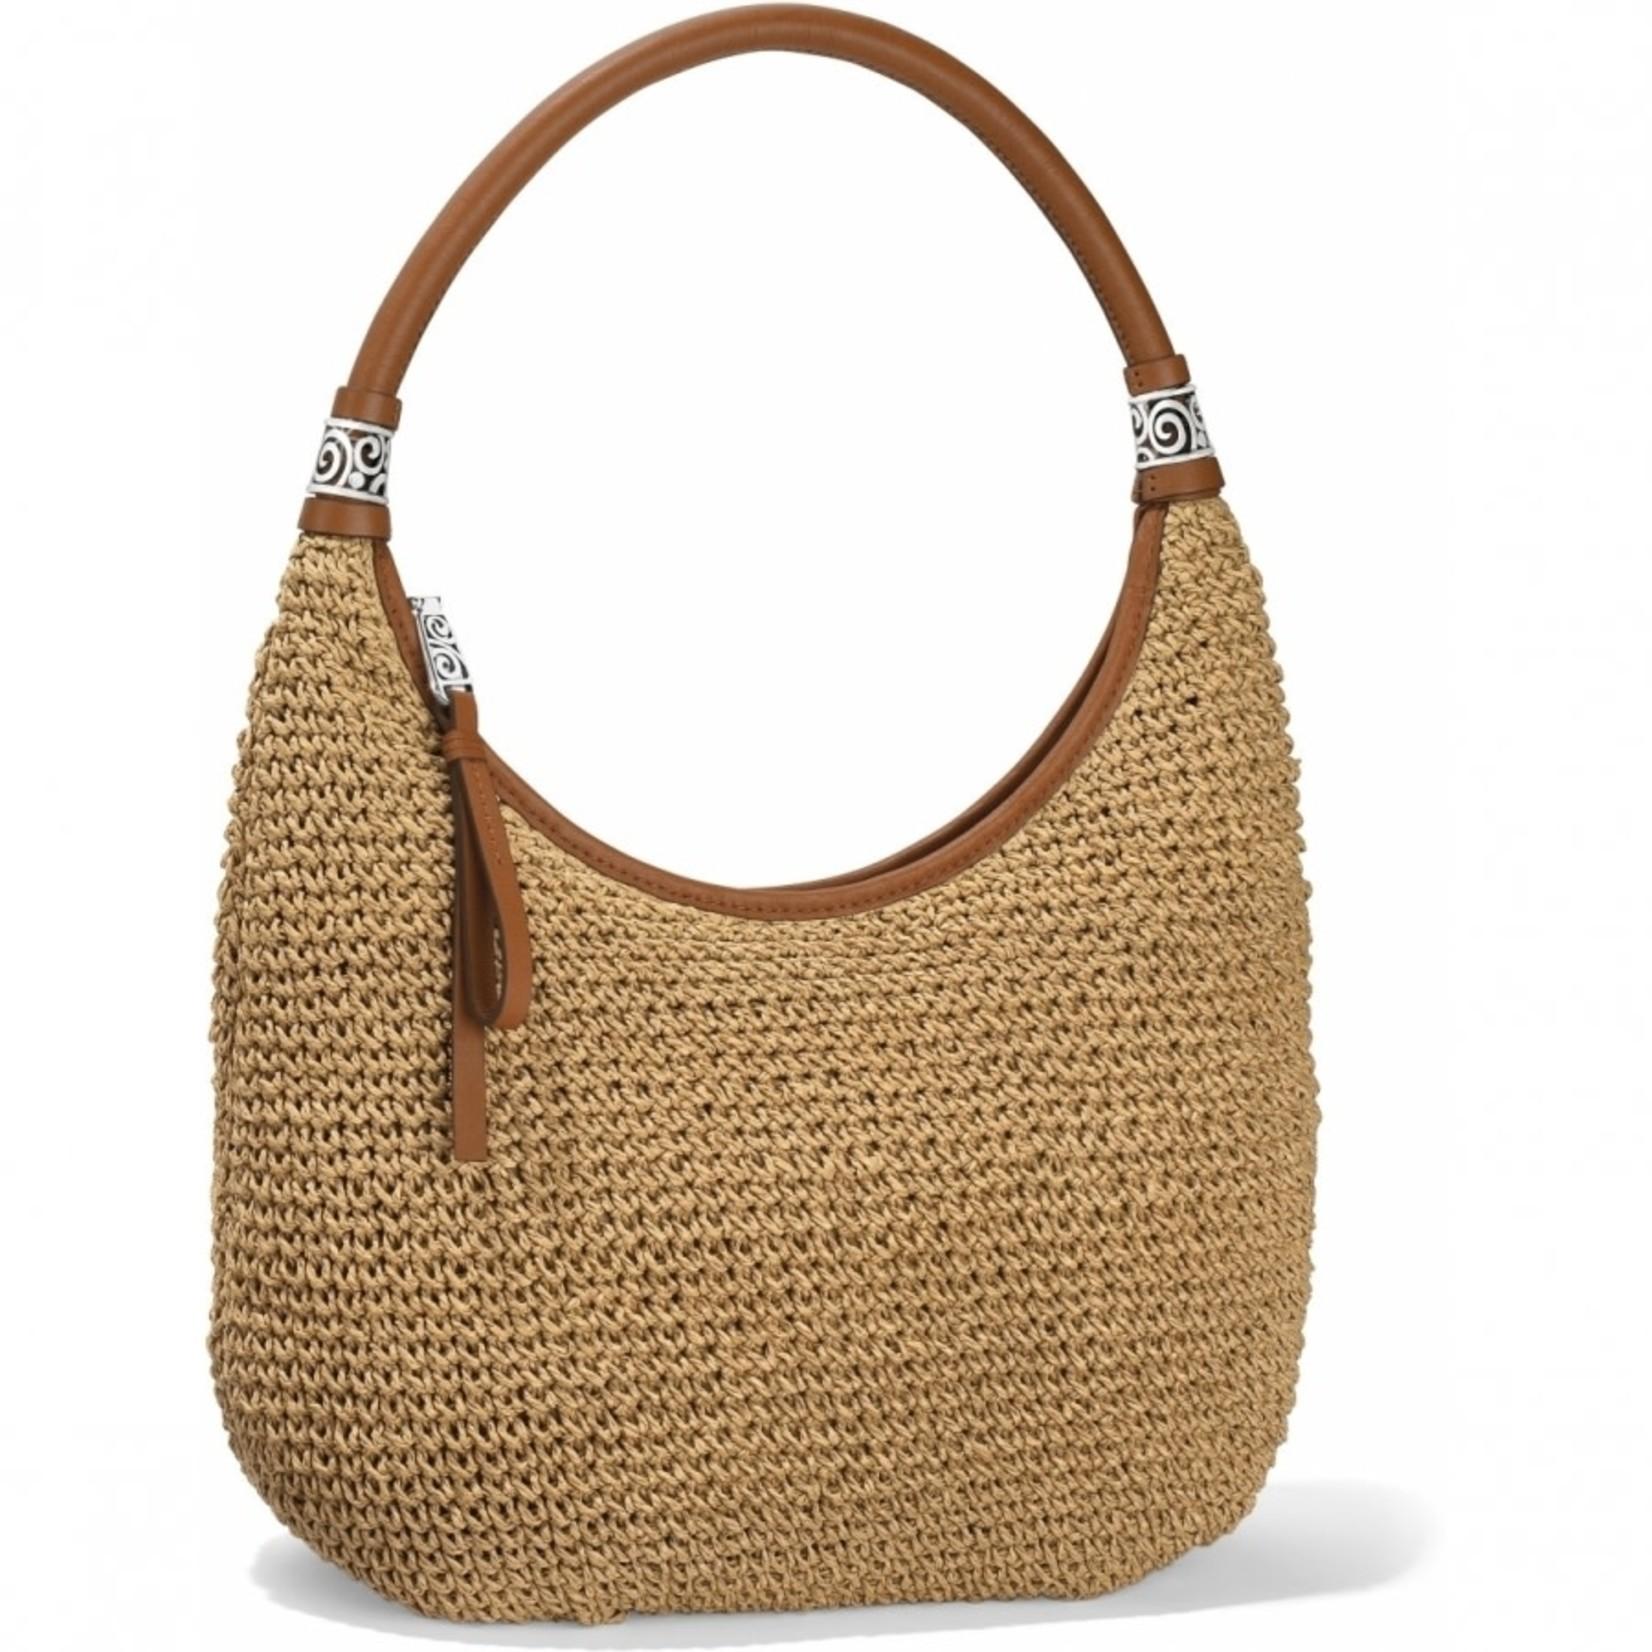 Brighton Shelby Straw Shoulderbag Wheat-Luggage